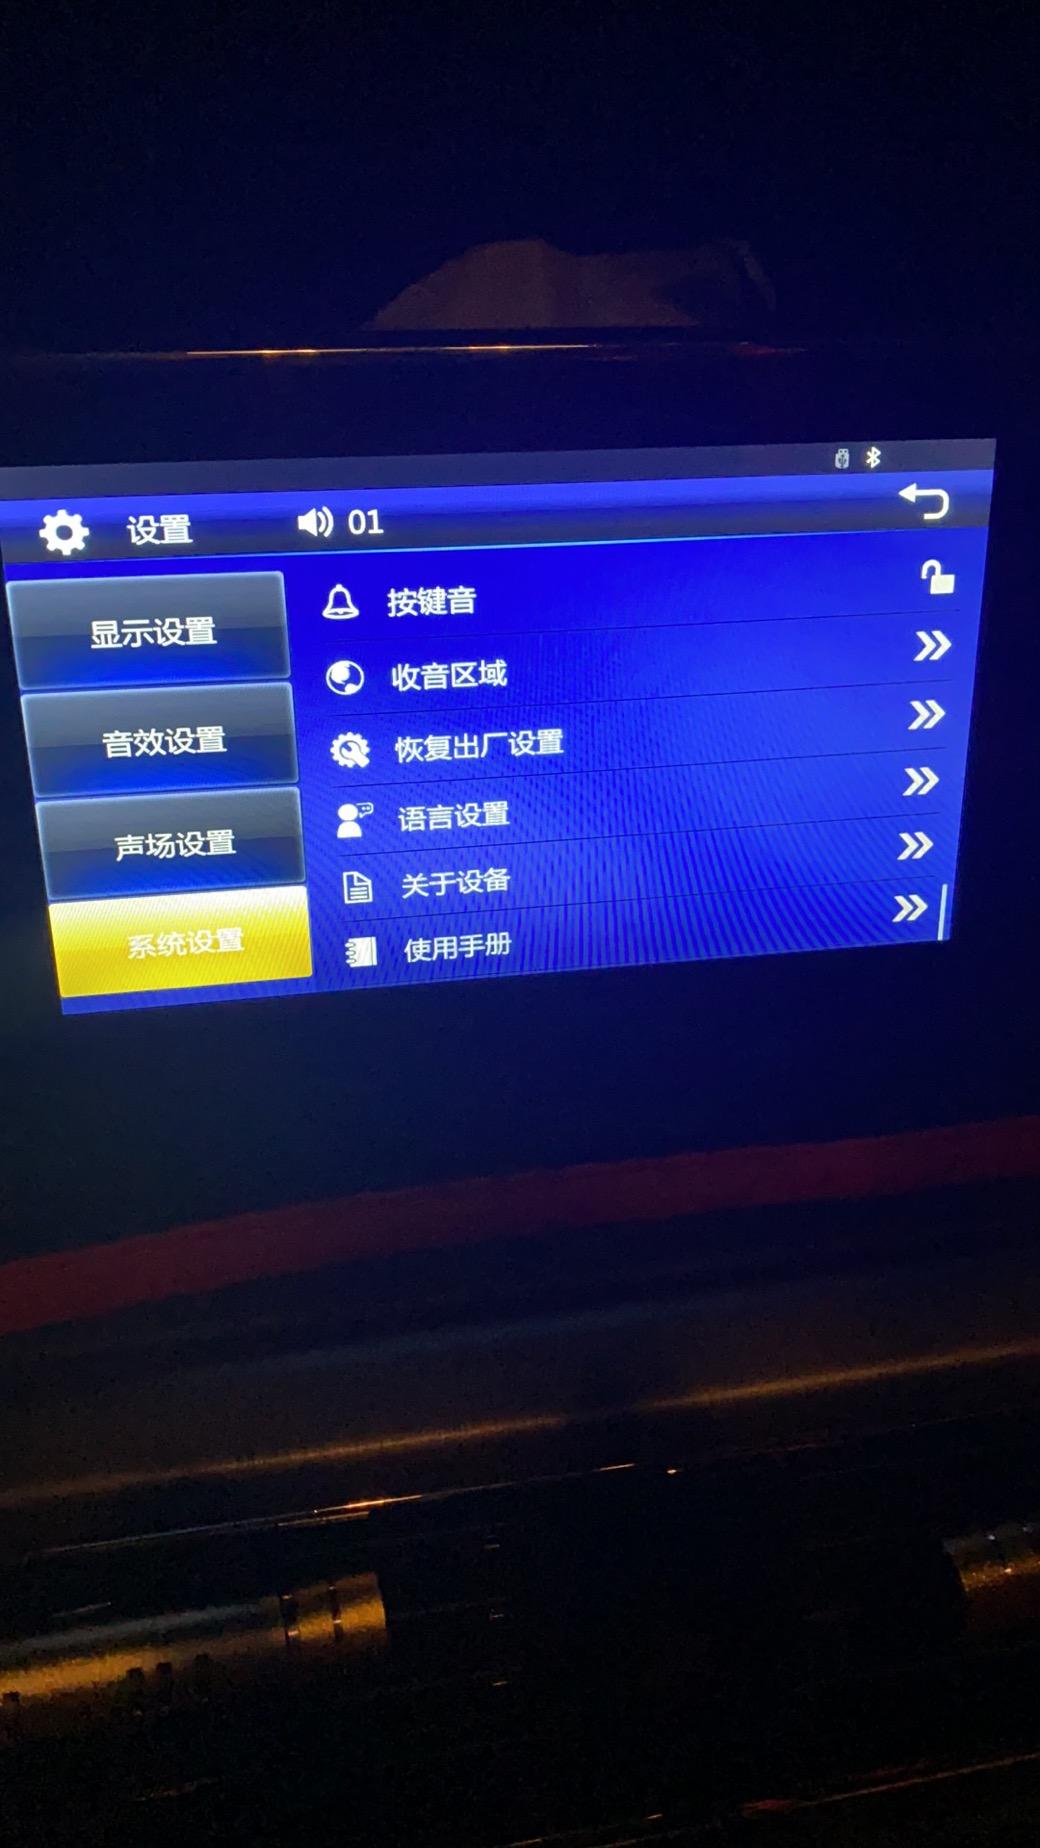 东风风光S560影音娱乐系统主机出死机索赔主机换回来一个主机不一样功能缺失无线功能